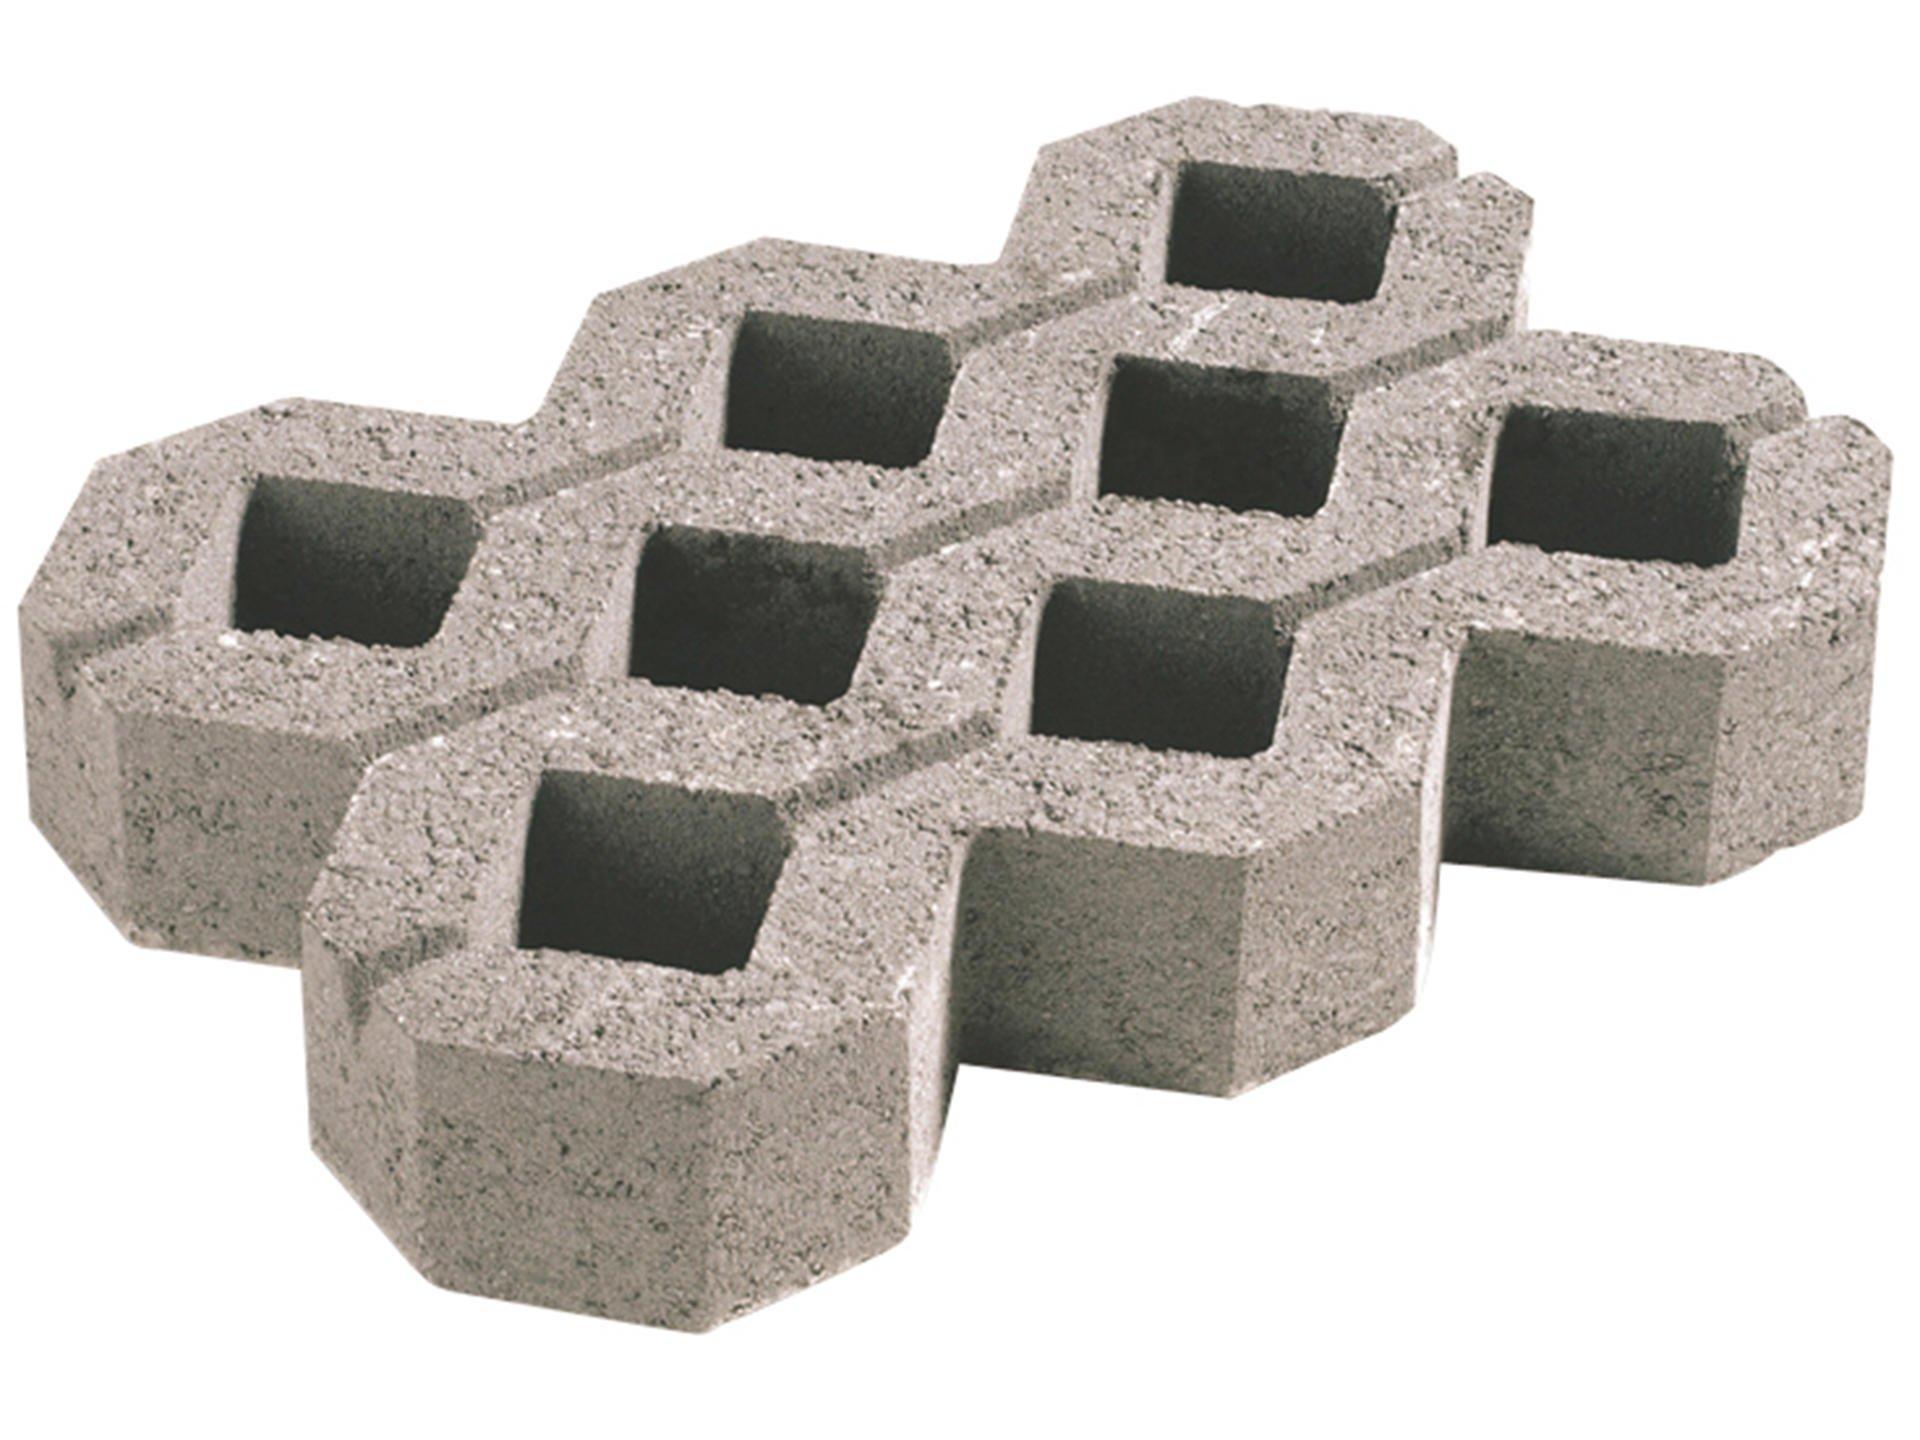 GRASDAL - beton | dalle gazon